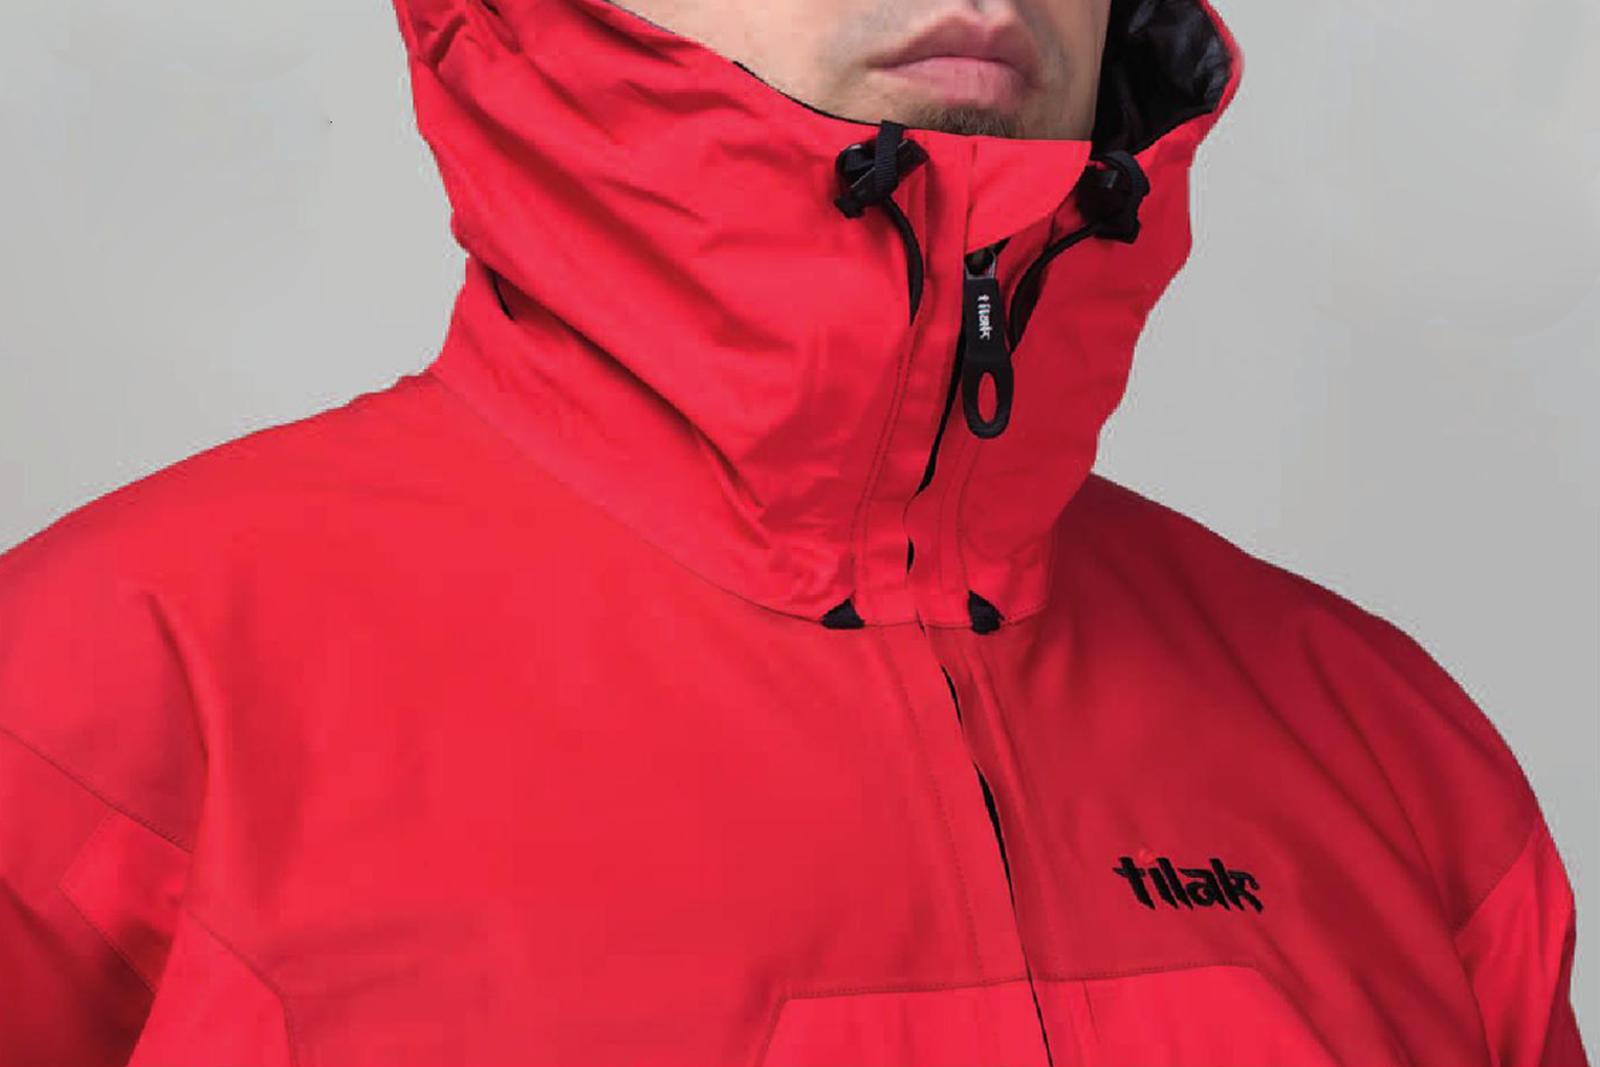 tilak-2-emerging-outerwear-fw17